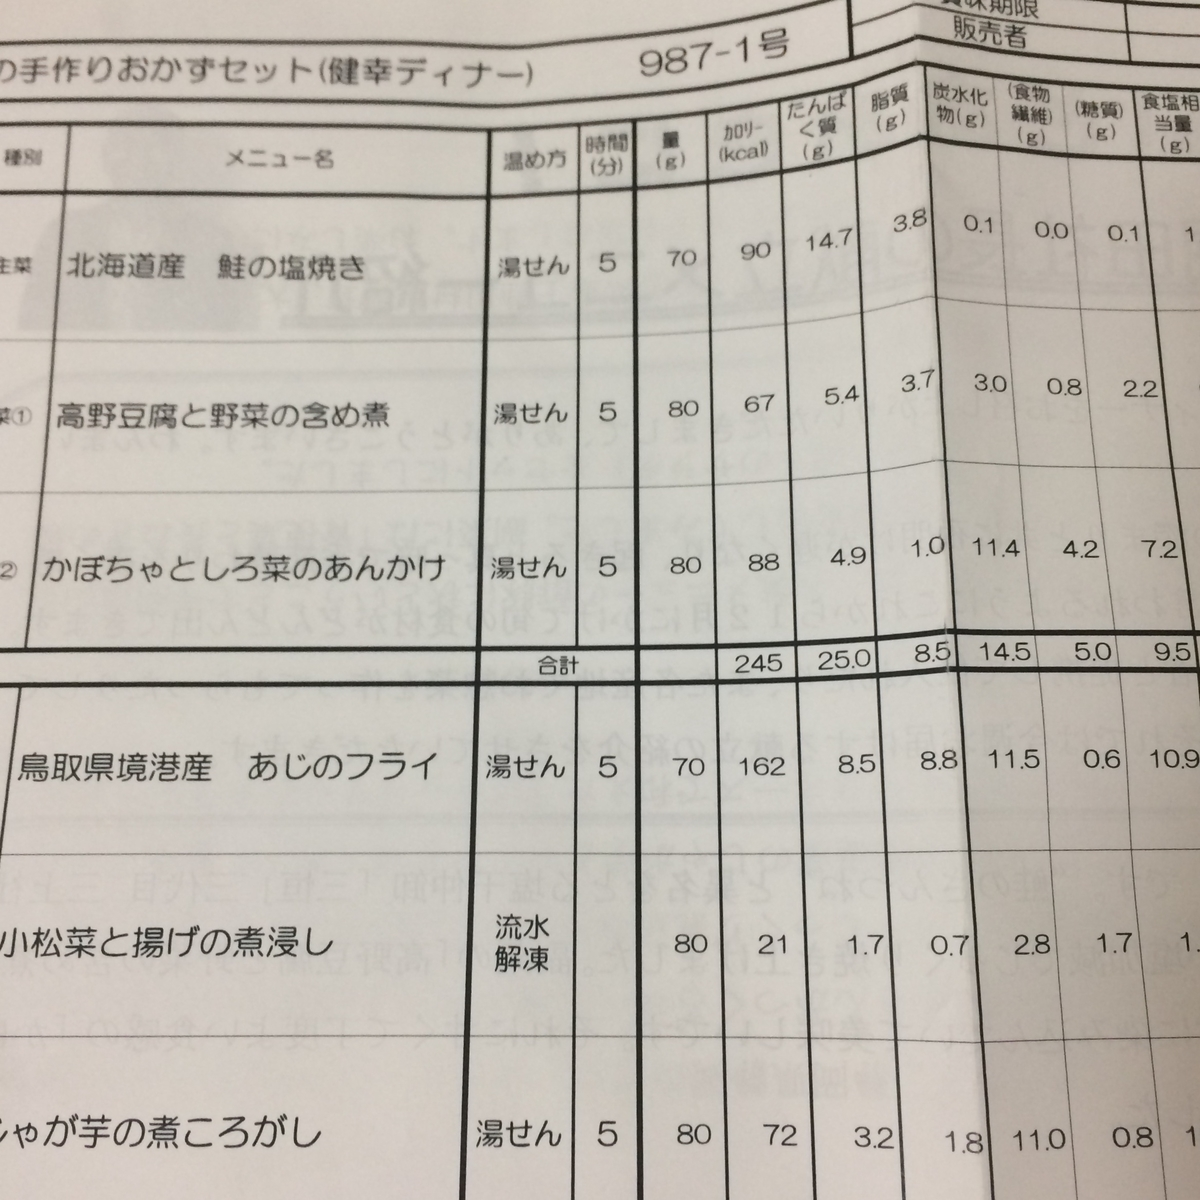 f:id:misumi-tomo:20191030175810j:plain